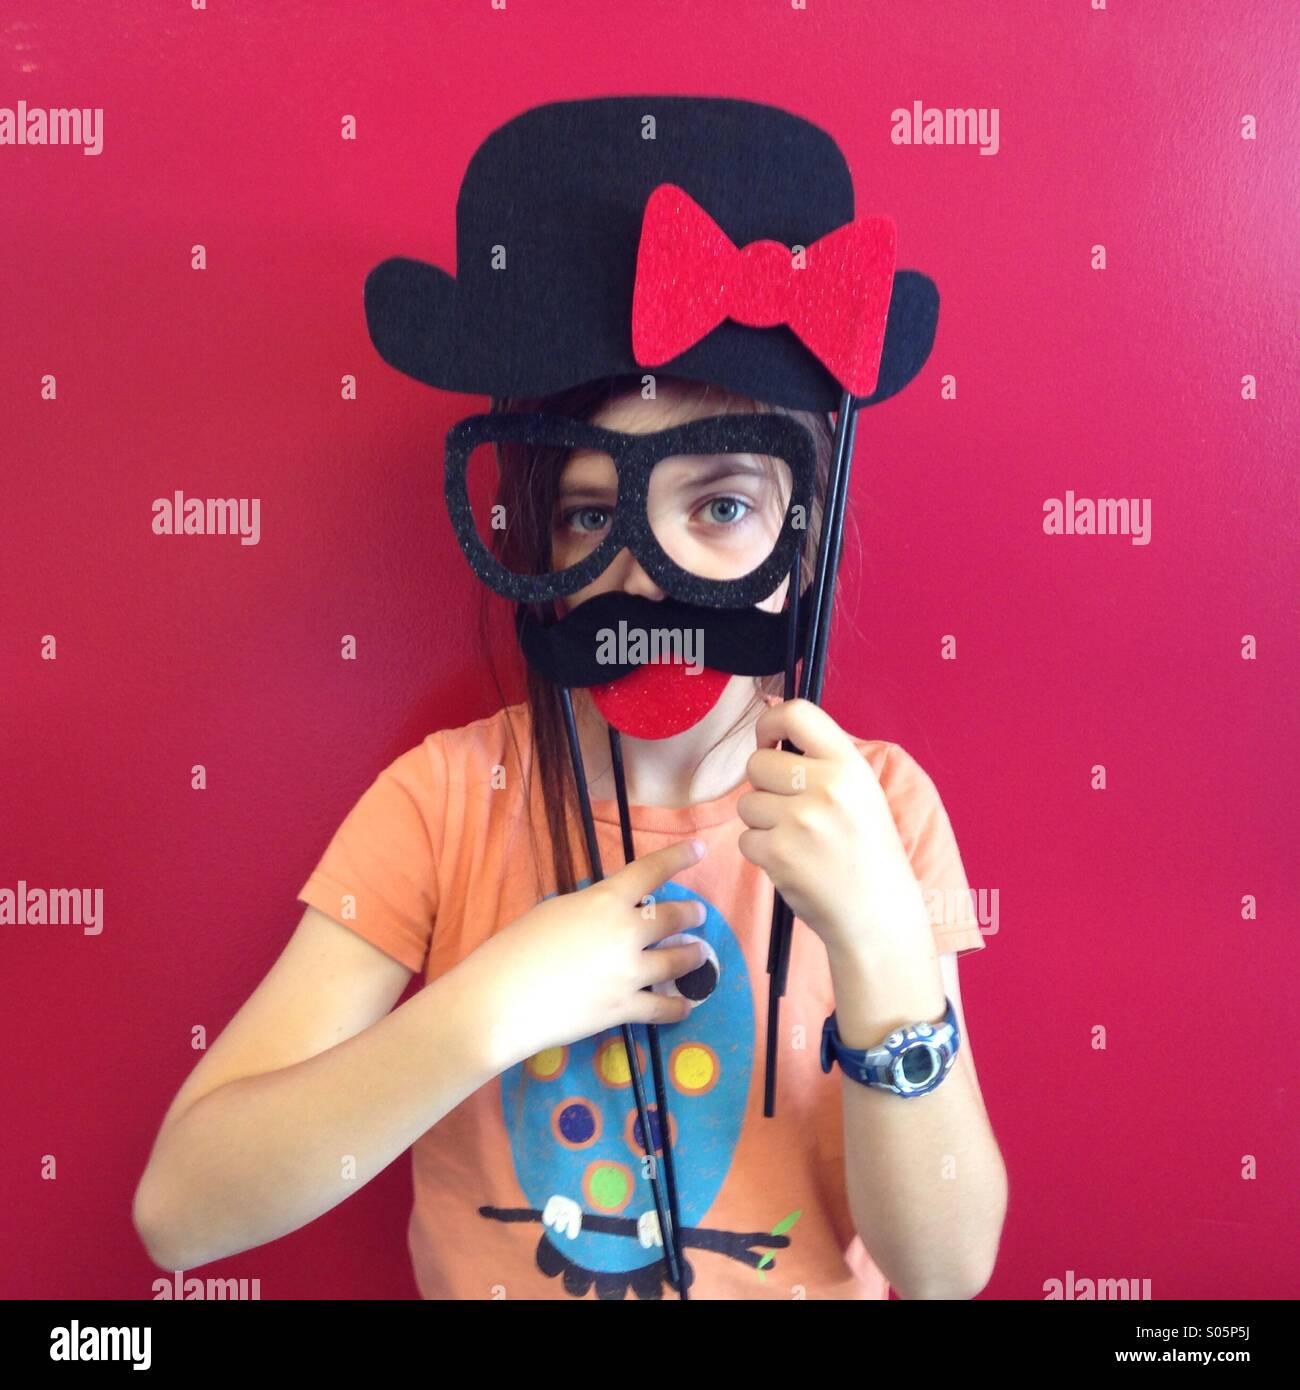 Dummes Kind trägt gefälschte Gläser und einen Schnurrbart an einer roten Wand. Stockbild